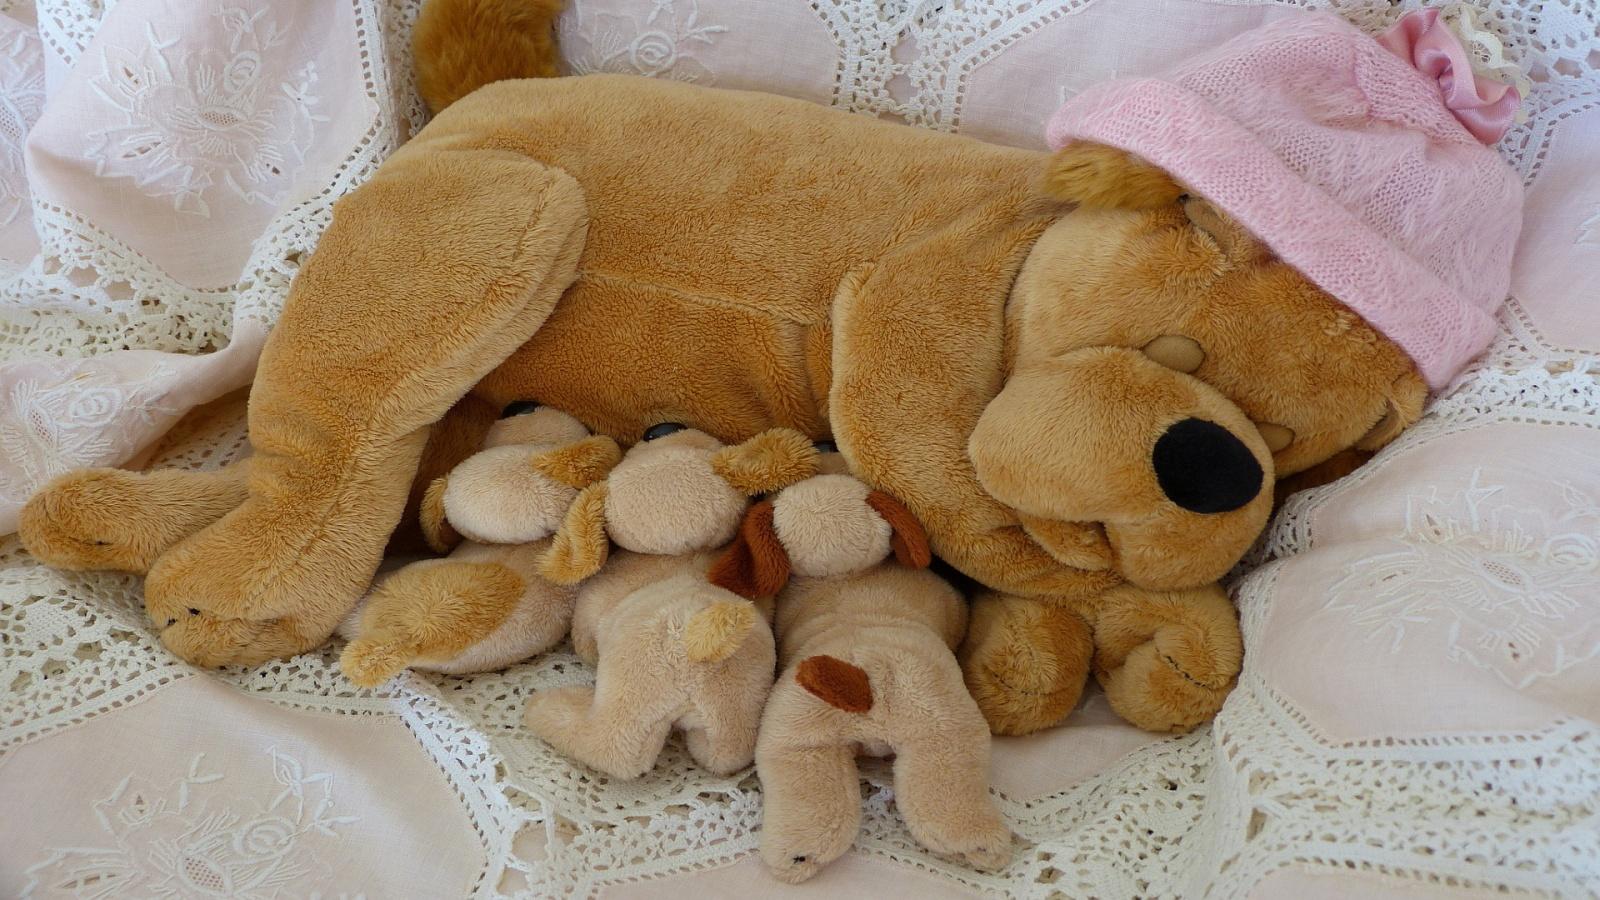 Dog puppy toys